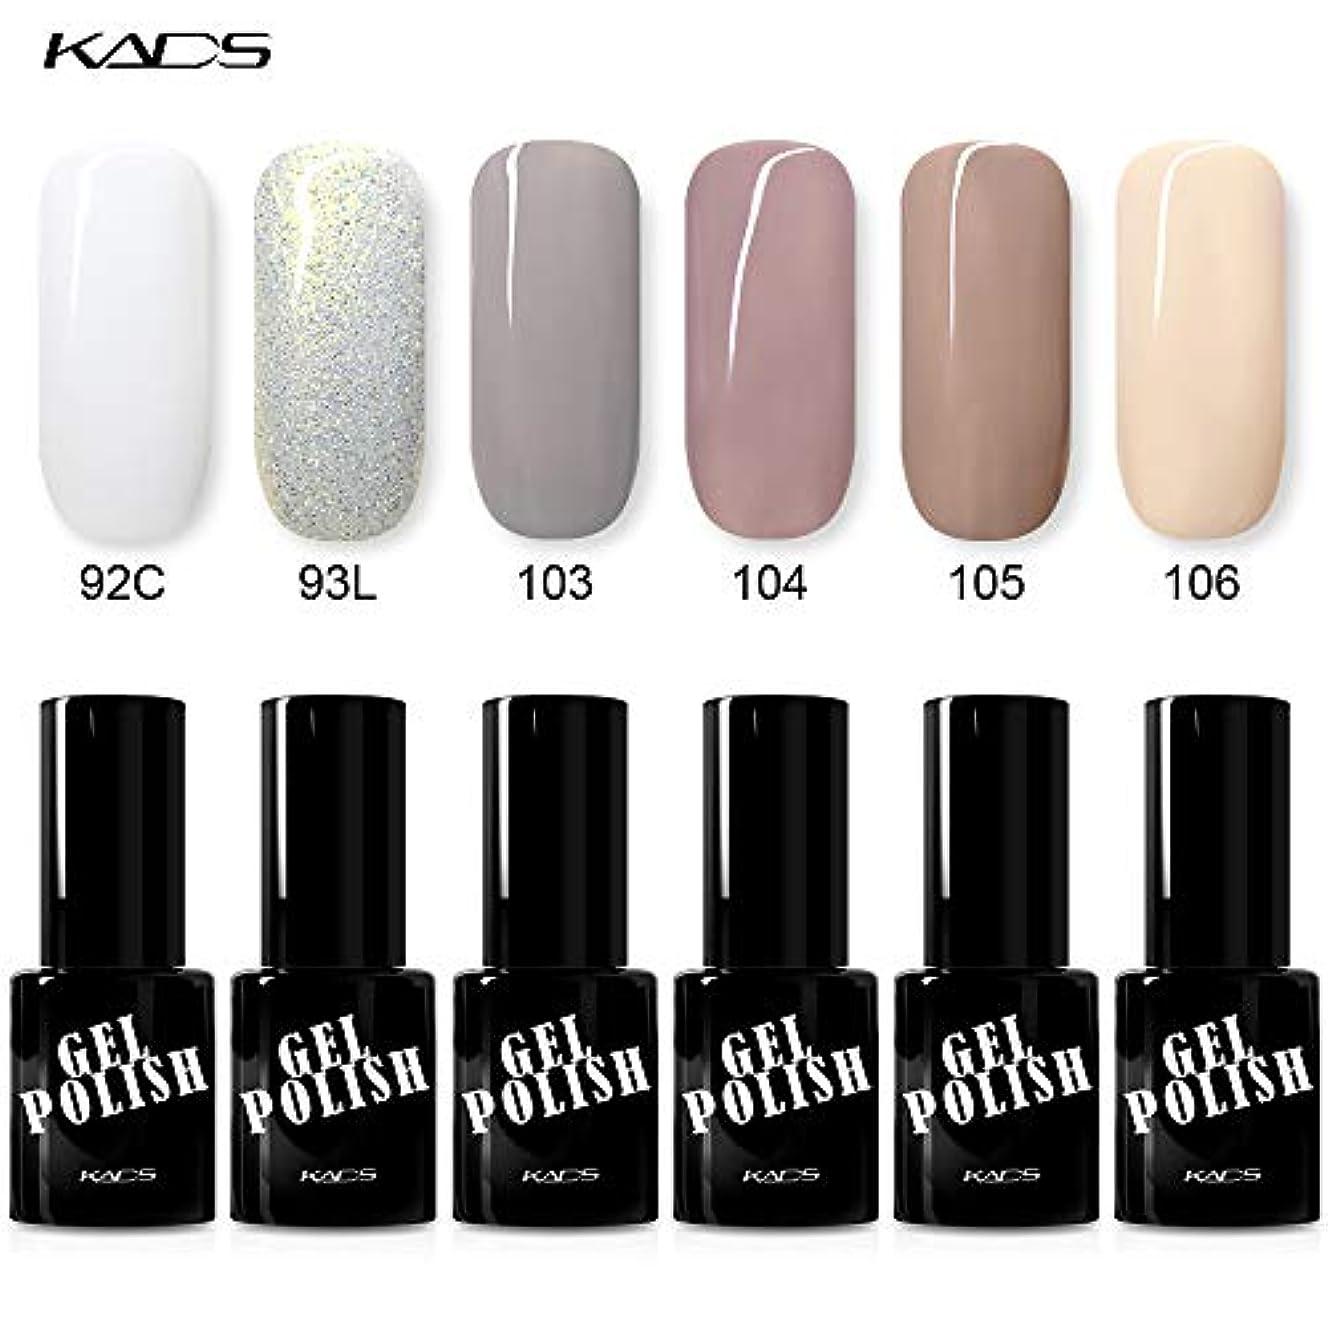 最も怒っている良いKADS ジェルネイルカラー 6色入り カラージェル 9.5ML UV?LED対応 ホワイト/ラメシルバー/カーキ/ベージュ